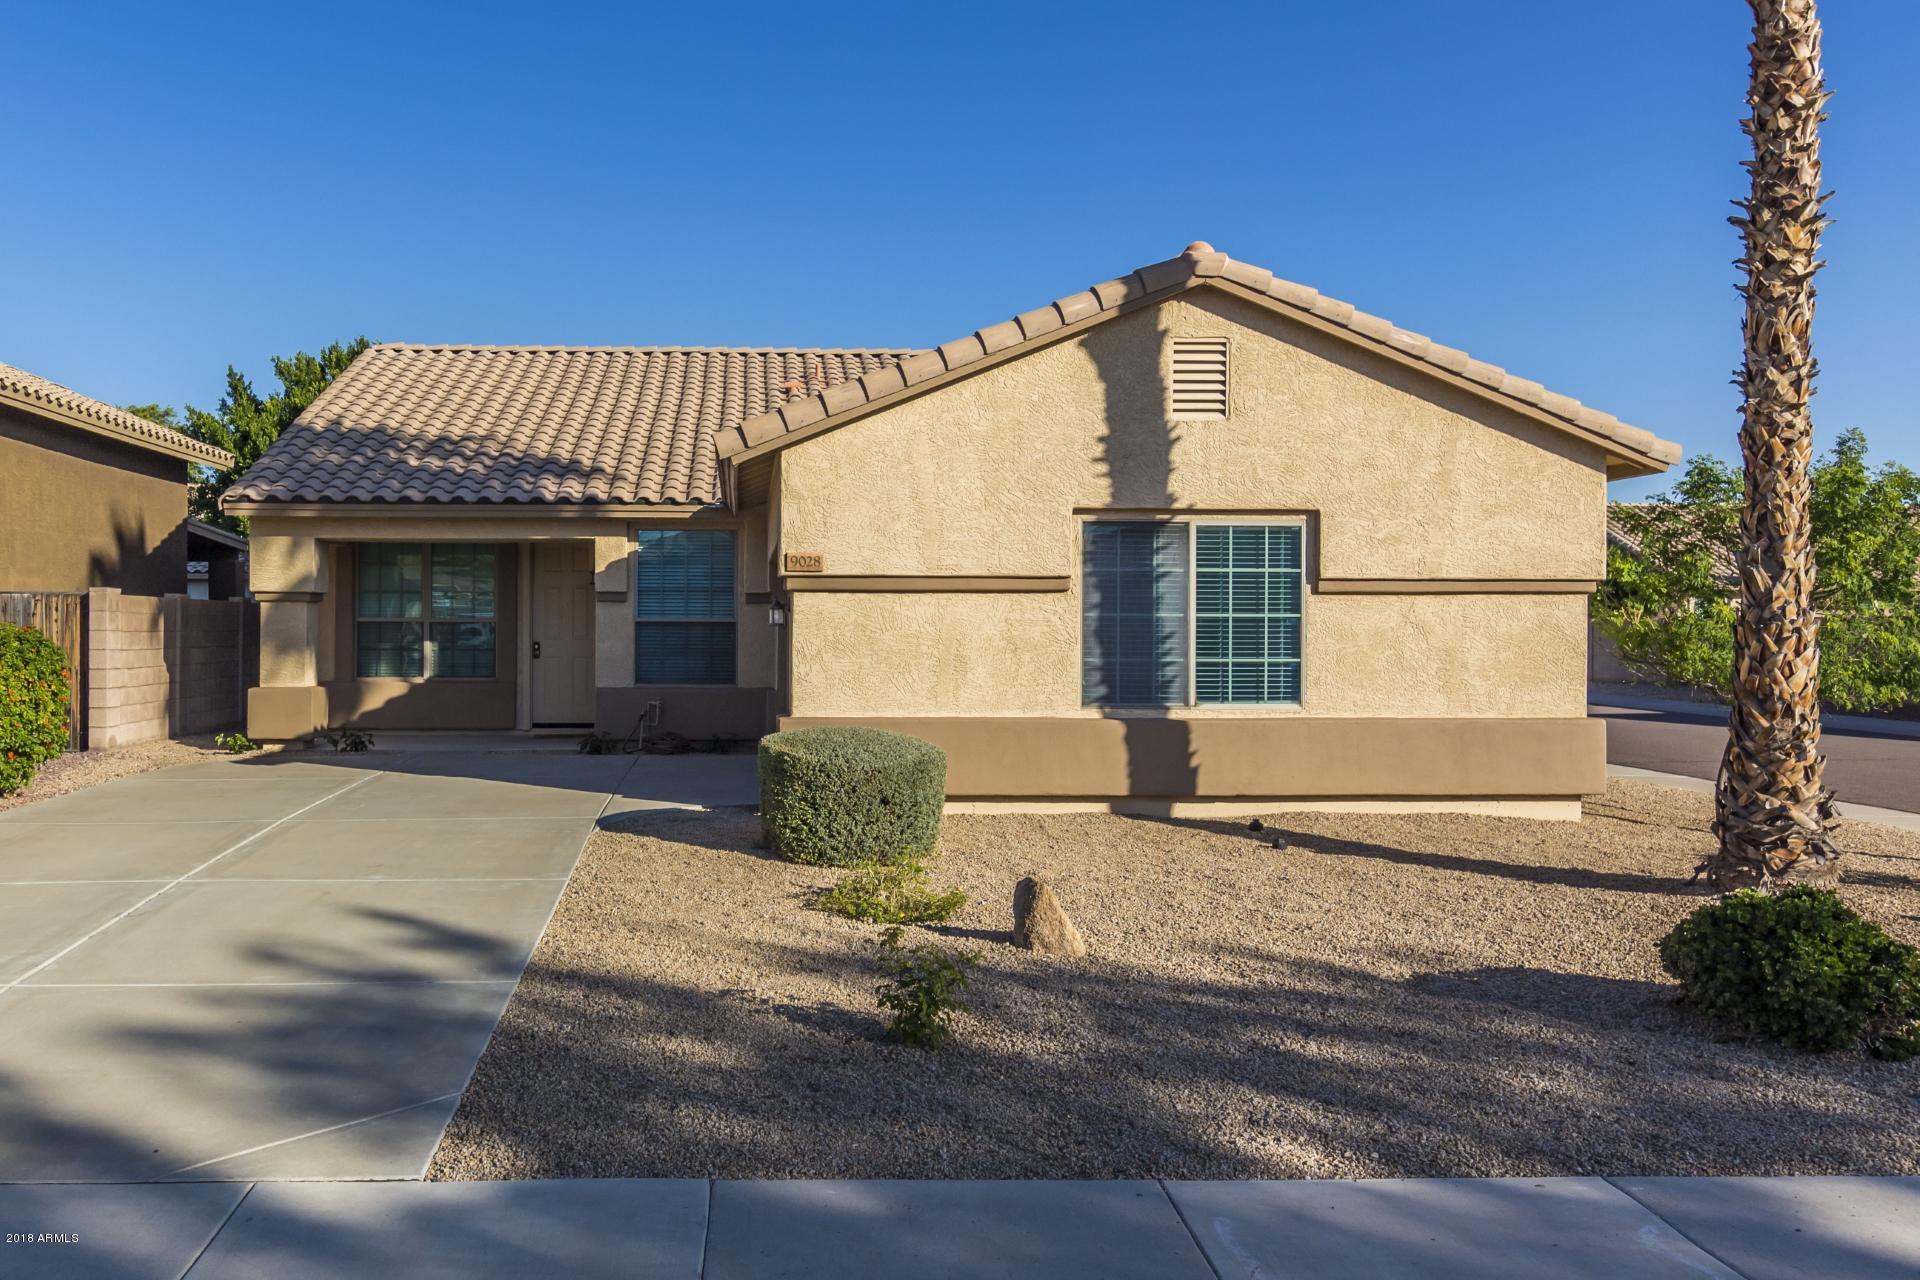 Photo of 9028 W IRMA Lane, Peoria, AZ 85382